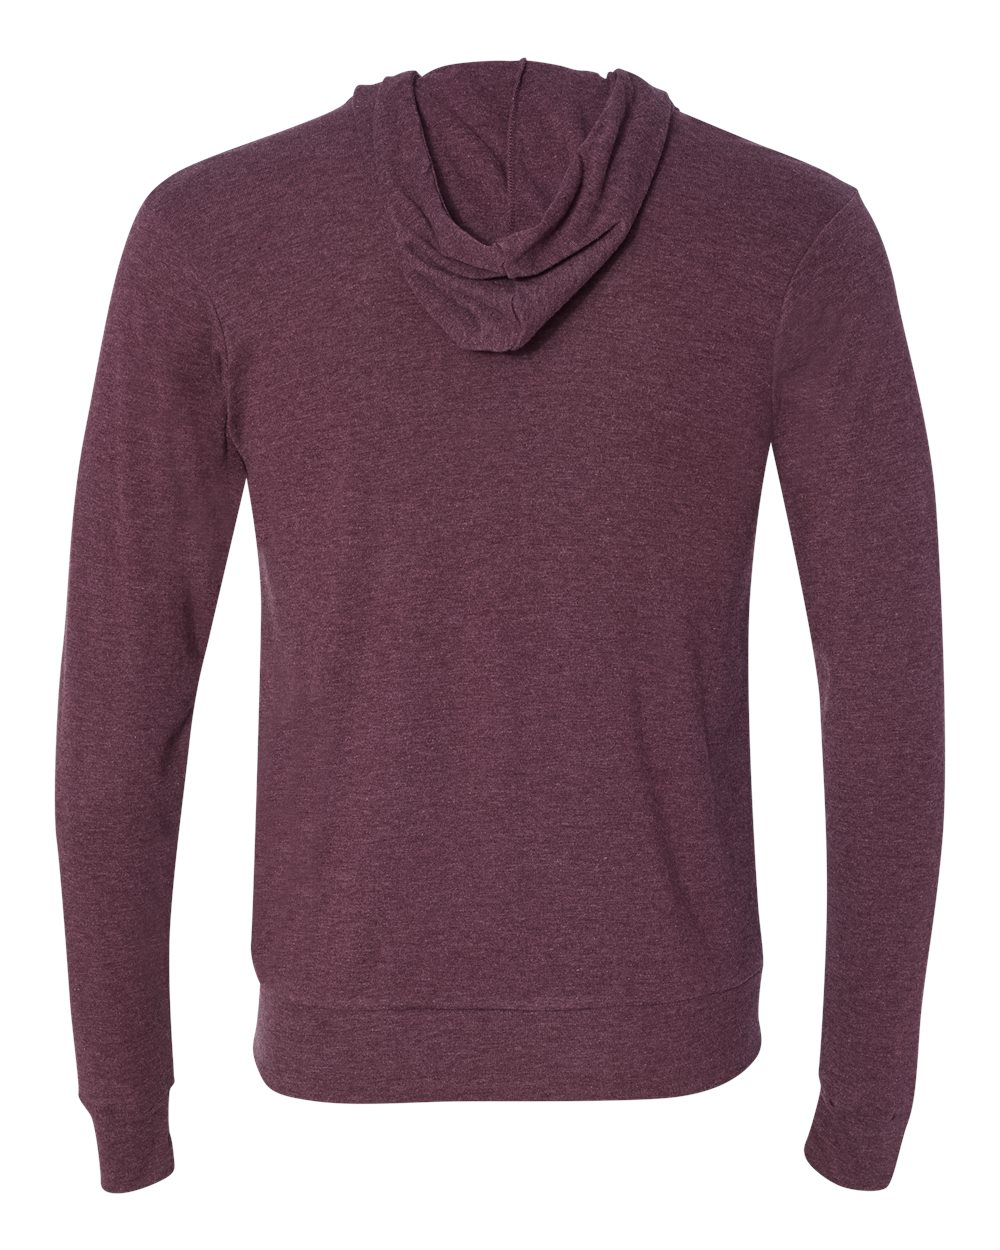 Bella-Canvas-Unisex-Triblend-Lightweight-Hooded-Full-Zip-T-Shirt-3939-upto-2XL thumbnail 19